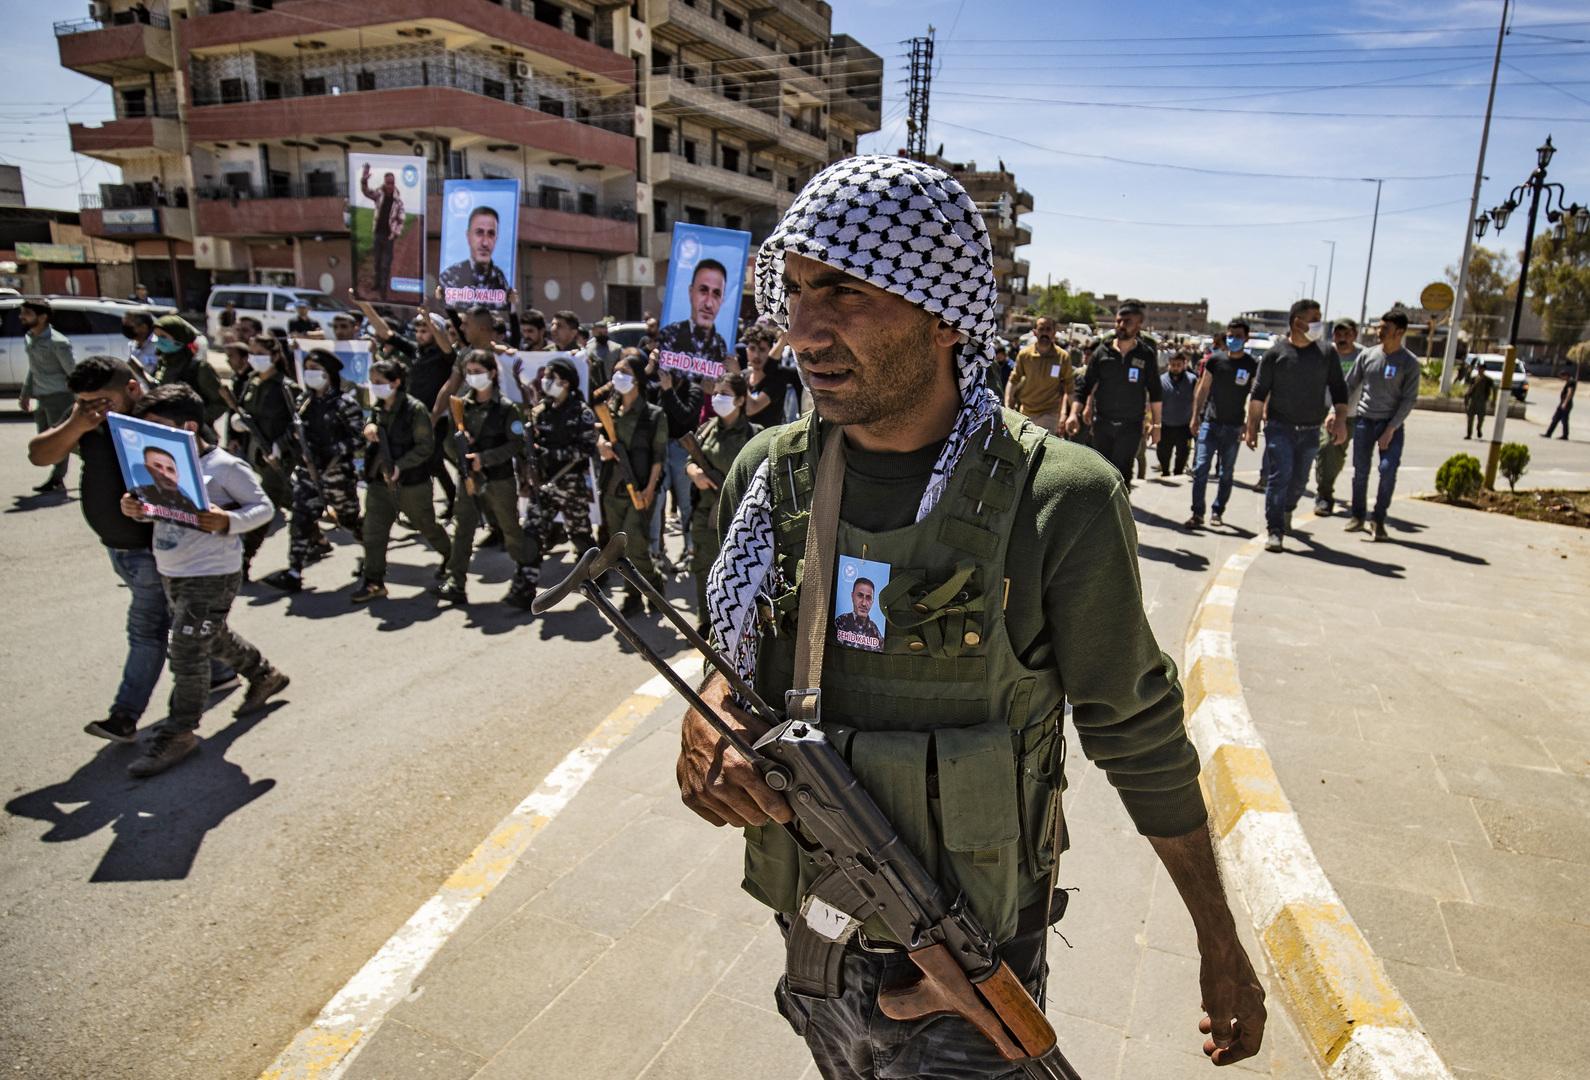 اغتيال هايس الجريان بعد مشاركته في اجتماع لوجهاء القامشلي بسوريا